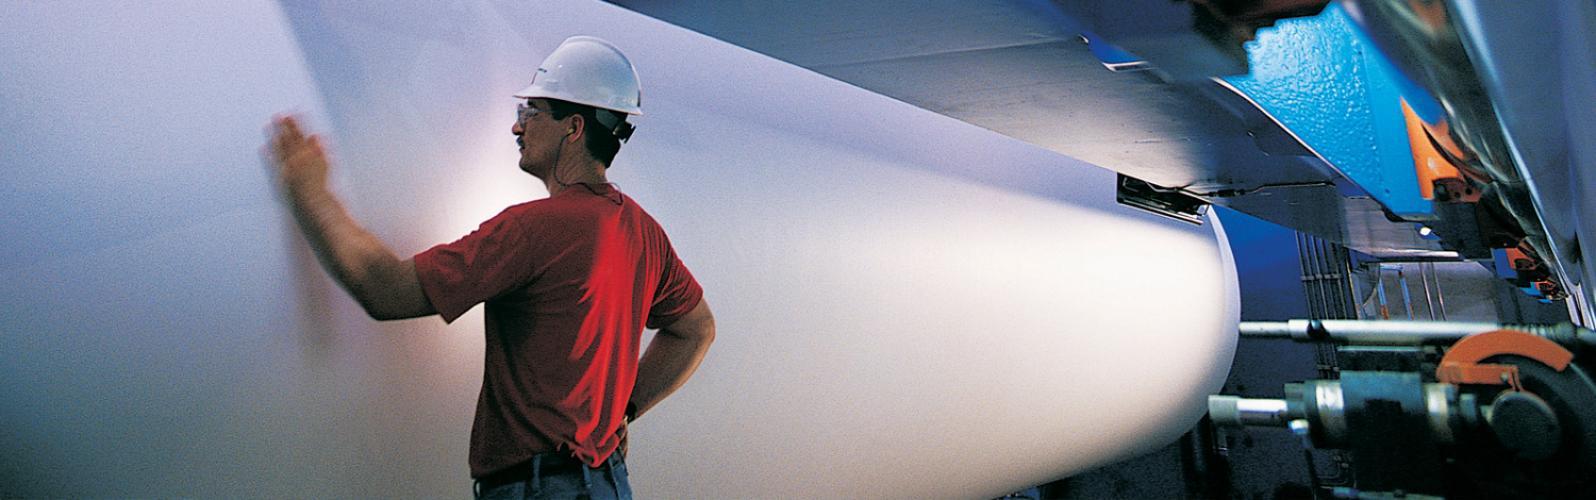 Насосные системы для целлюлозно-бумажной промышленности